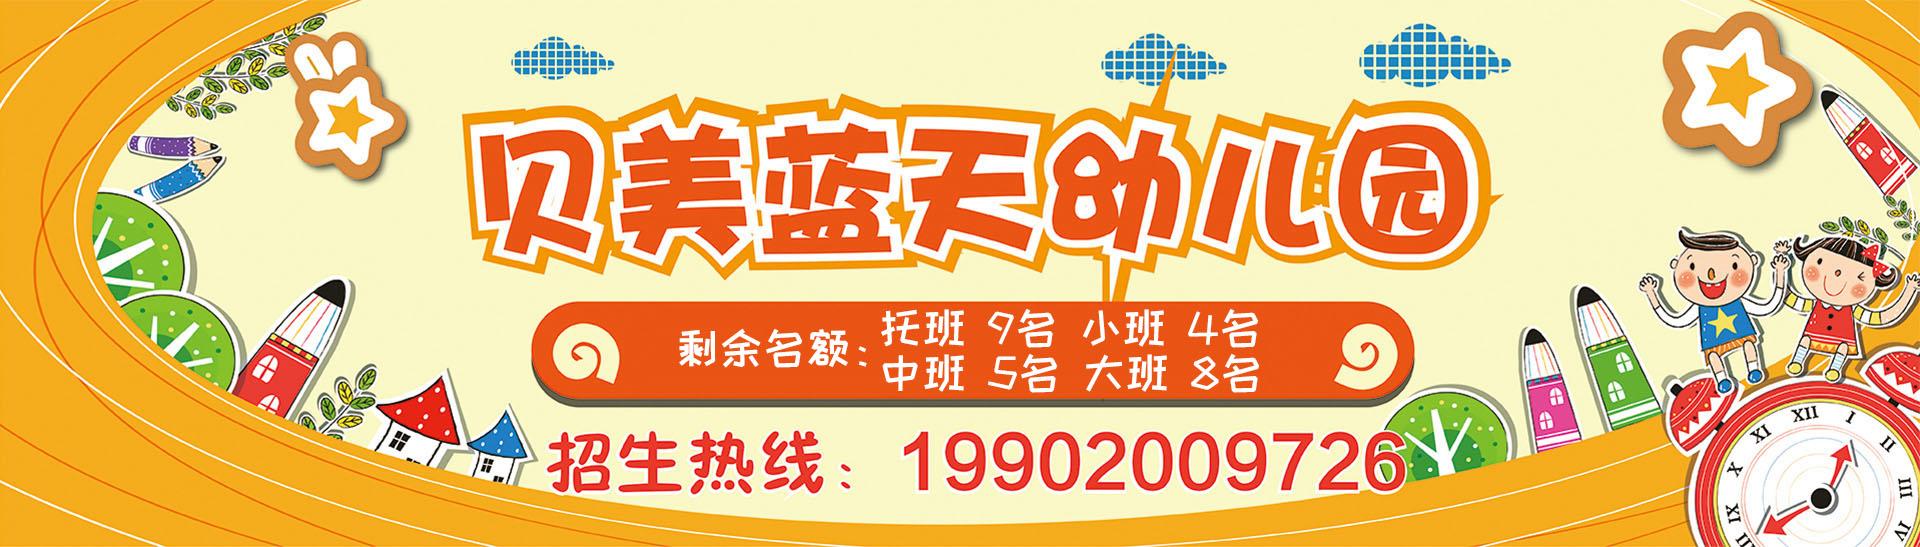 天津河东区幼儿园